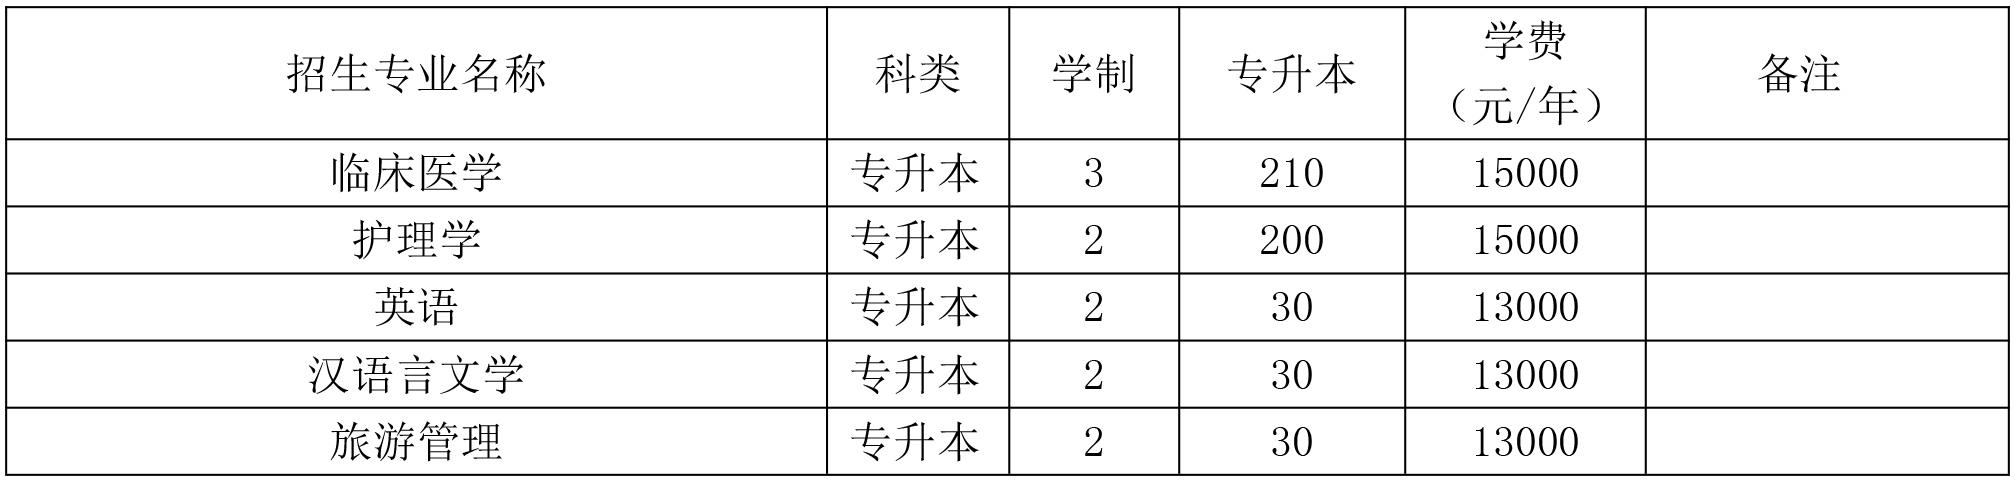 2018招生简章及专业介绍-2